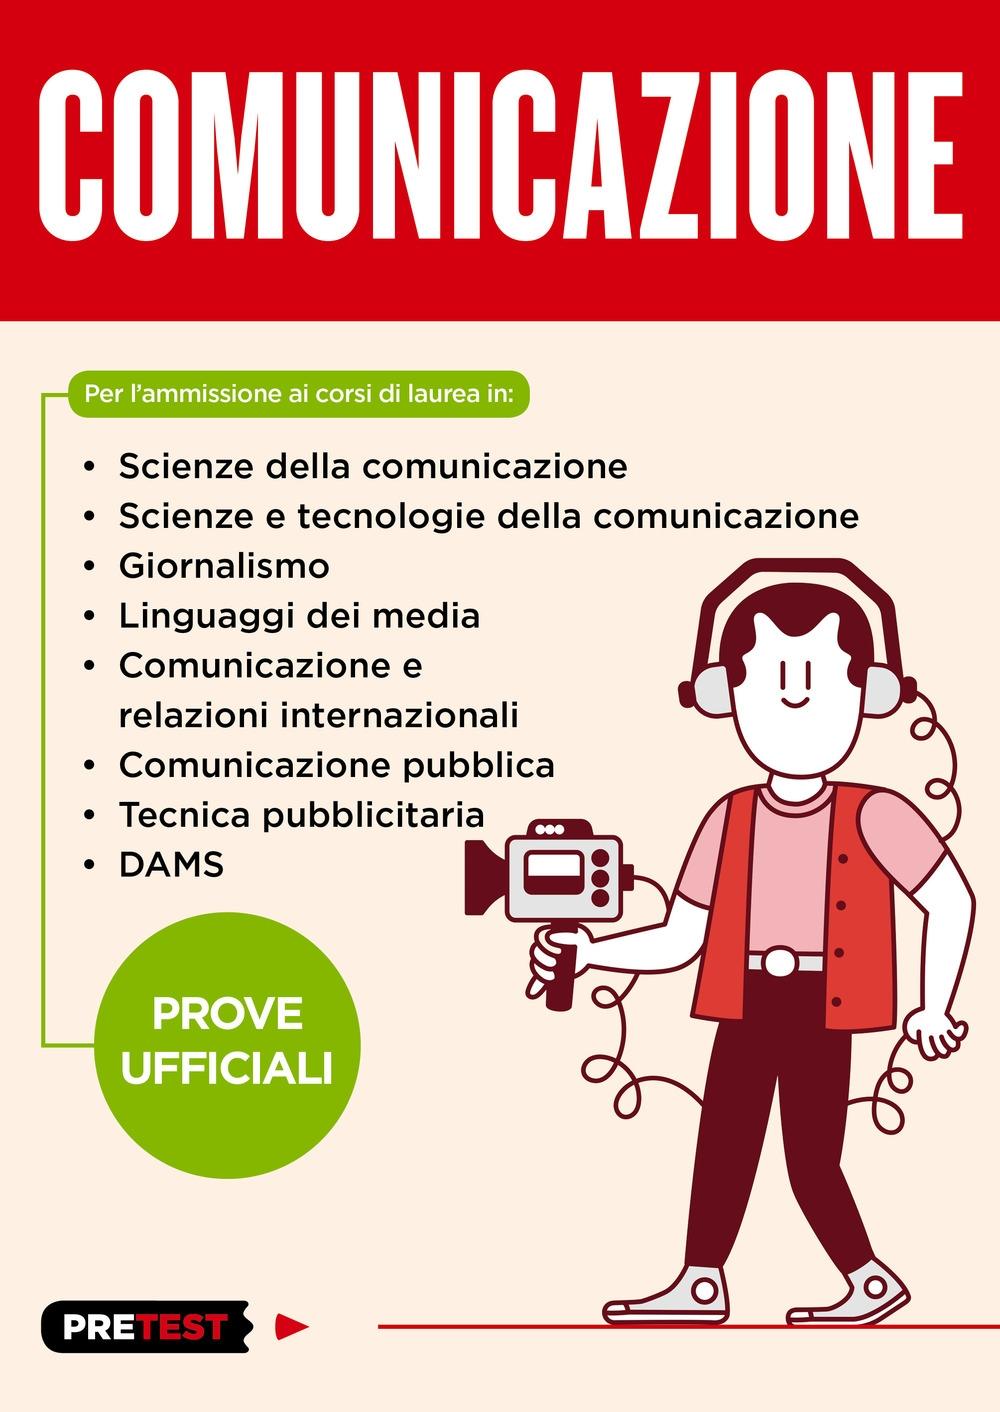 Comunicazione. Prove ufficiali